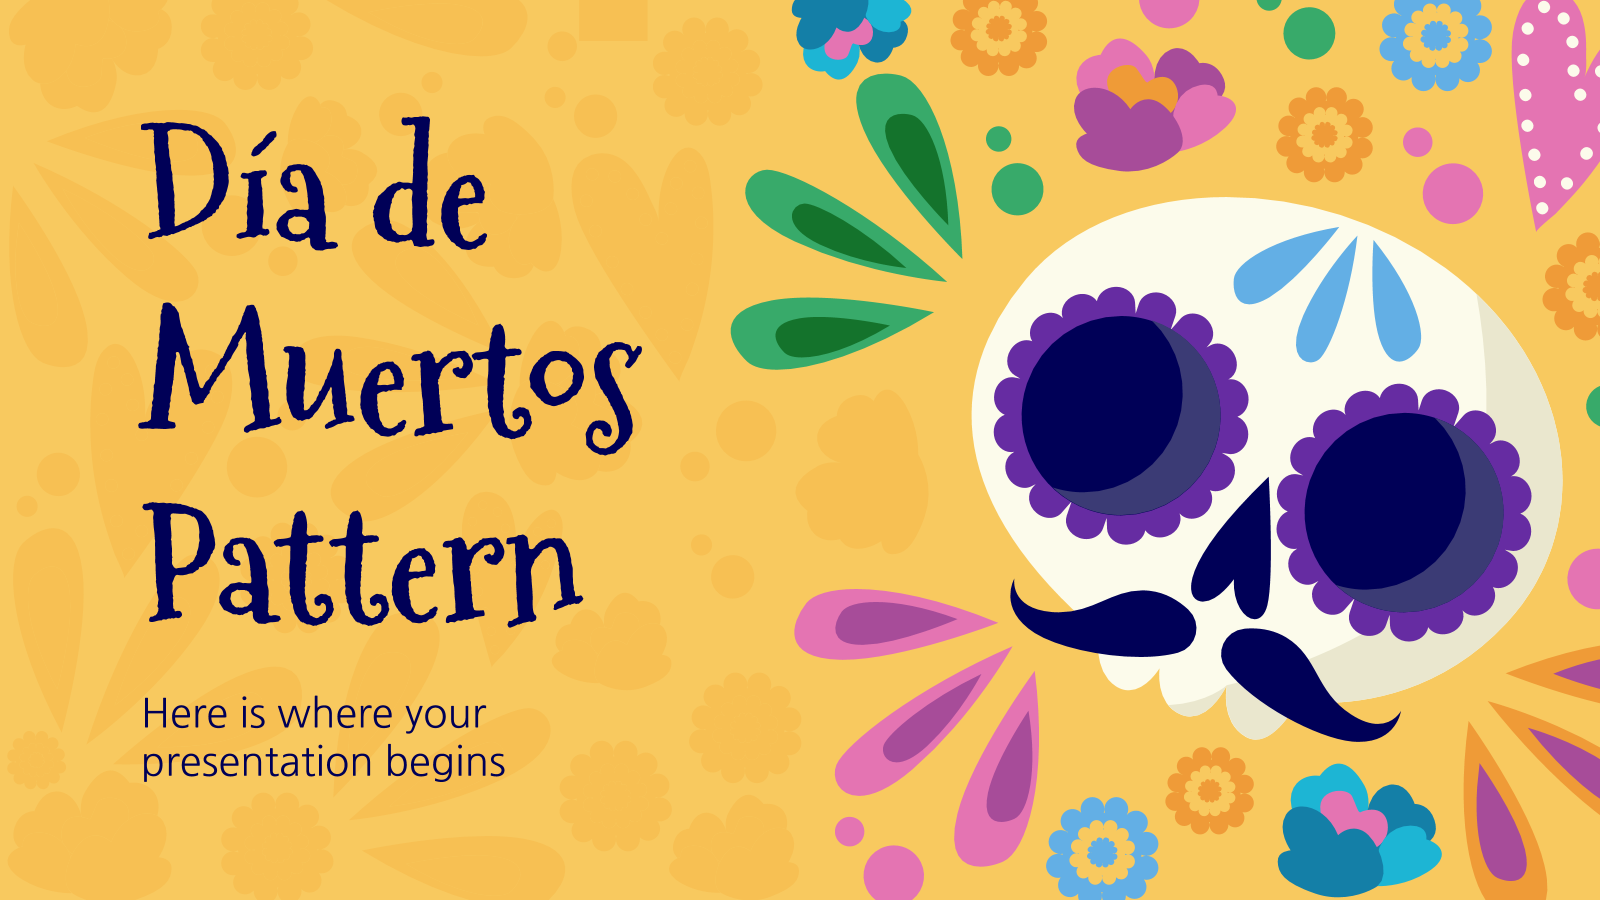 Día de Muertos Pattern presentation template